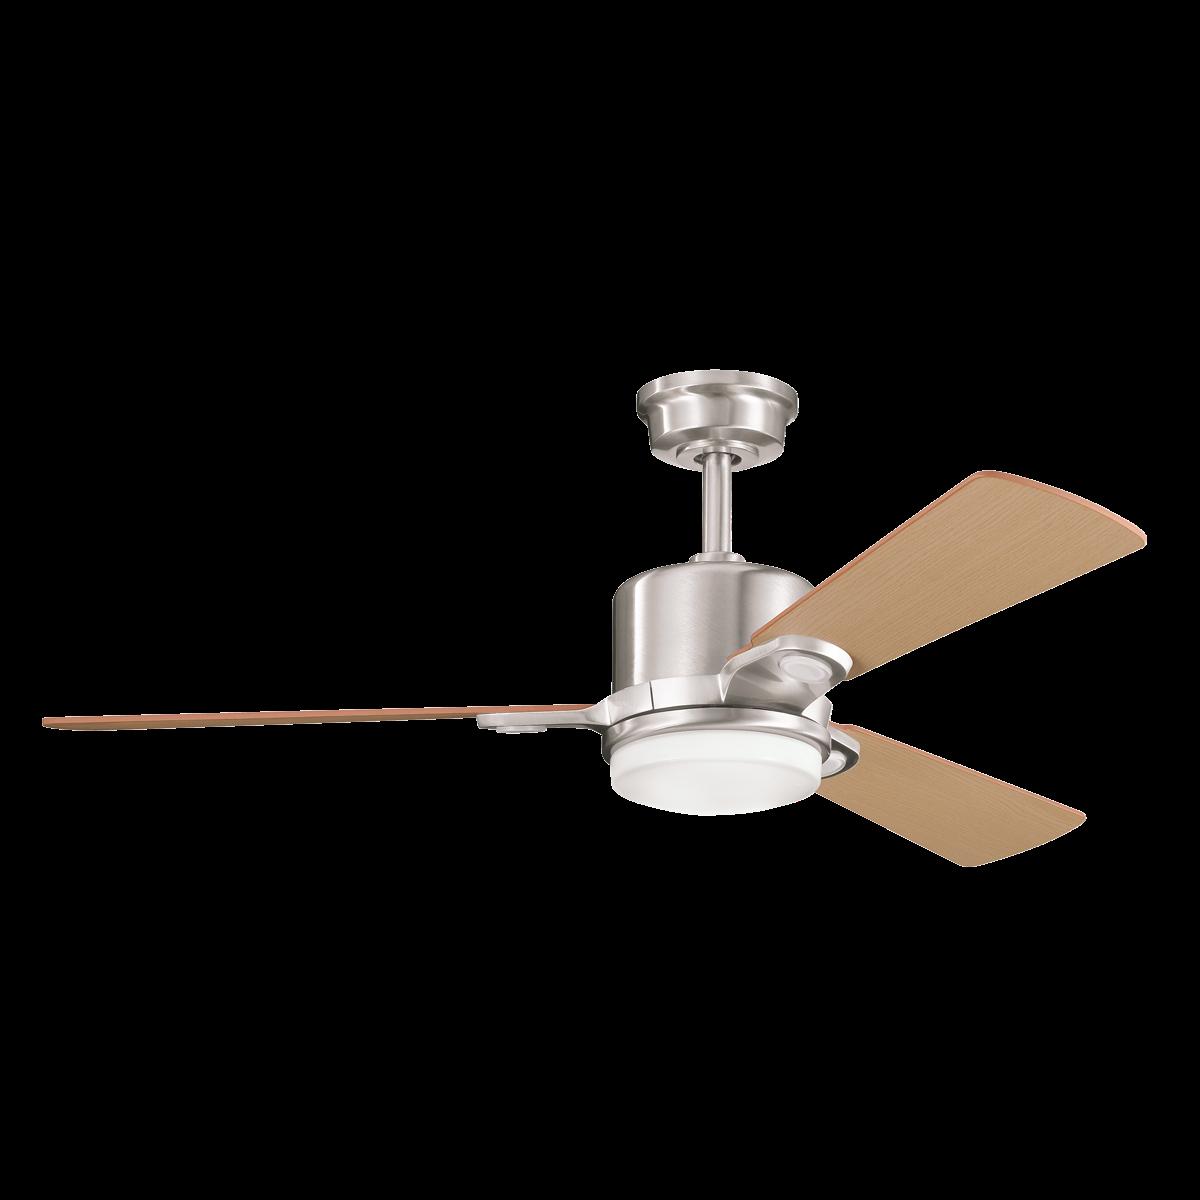 48 Inch Celino Contemporary Fan Bss Lighting 3 Blade Ceiling Fan